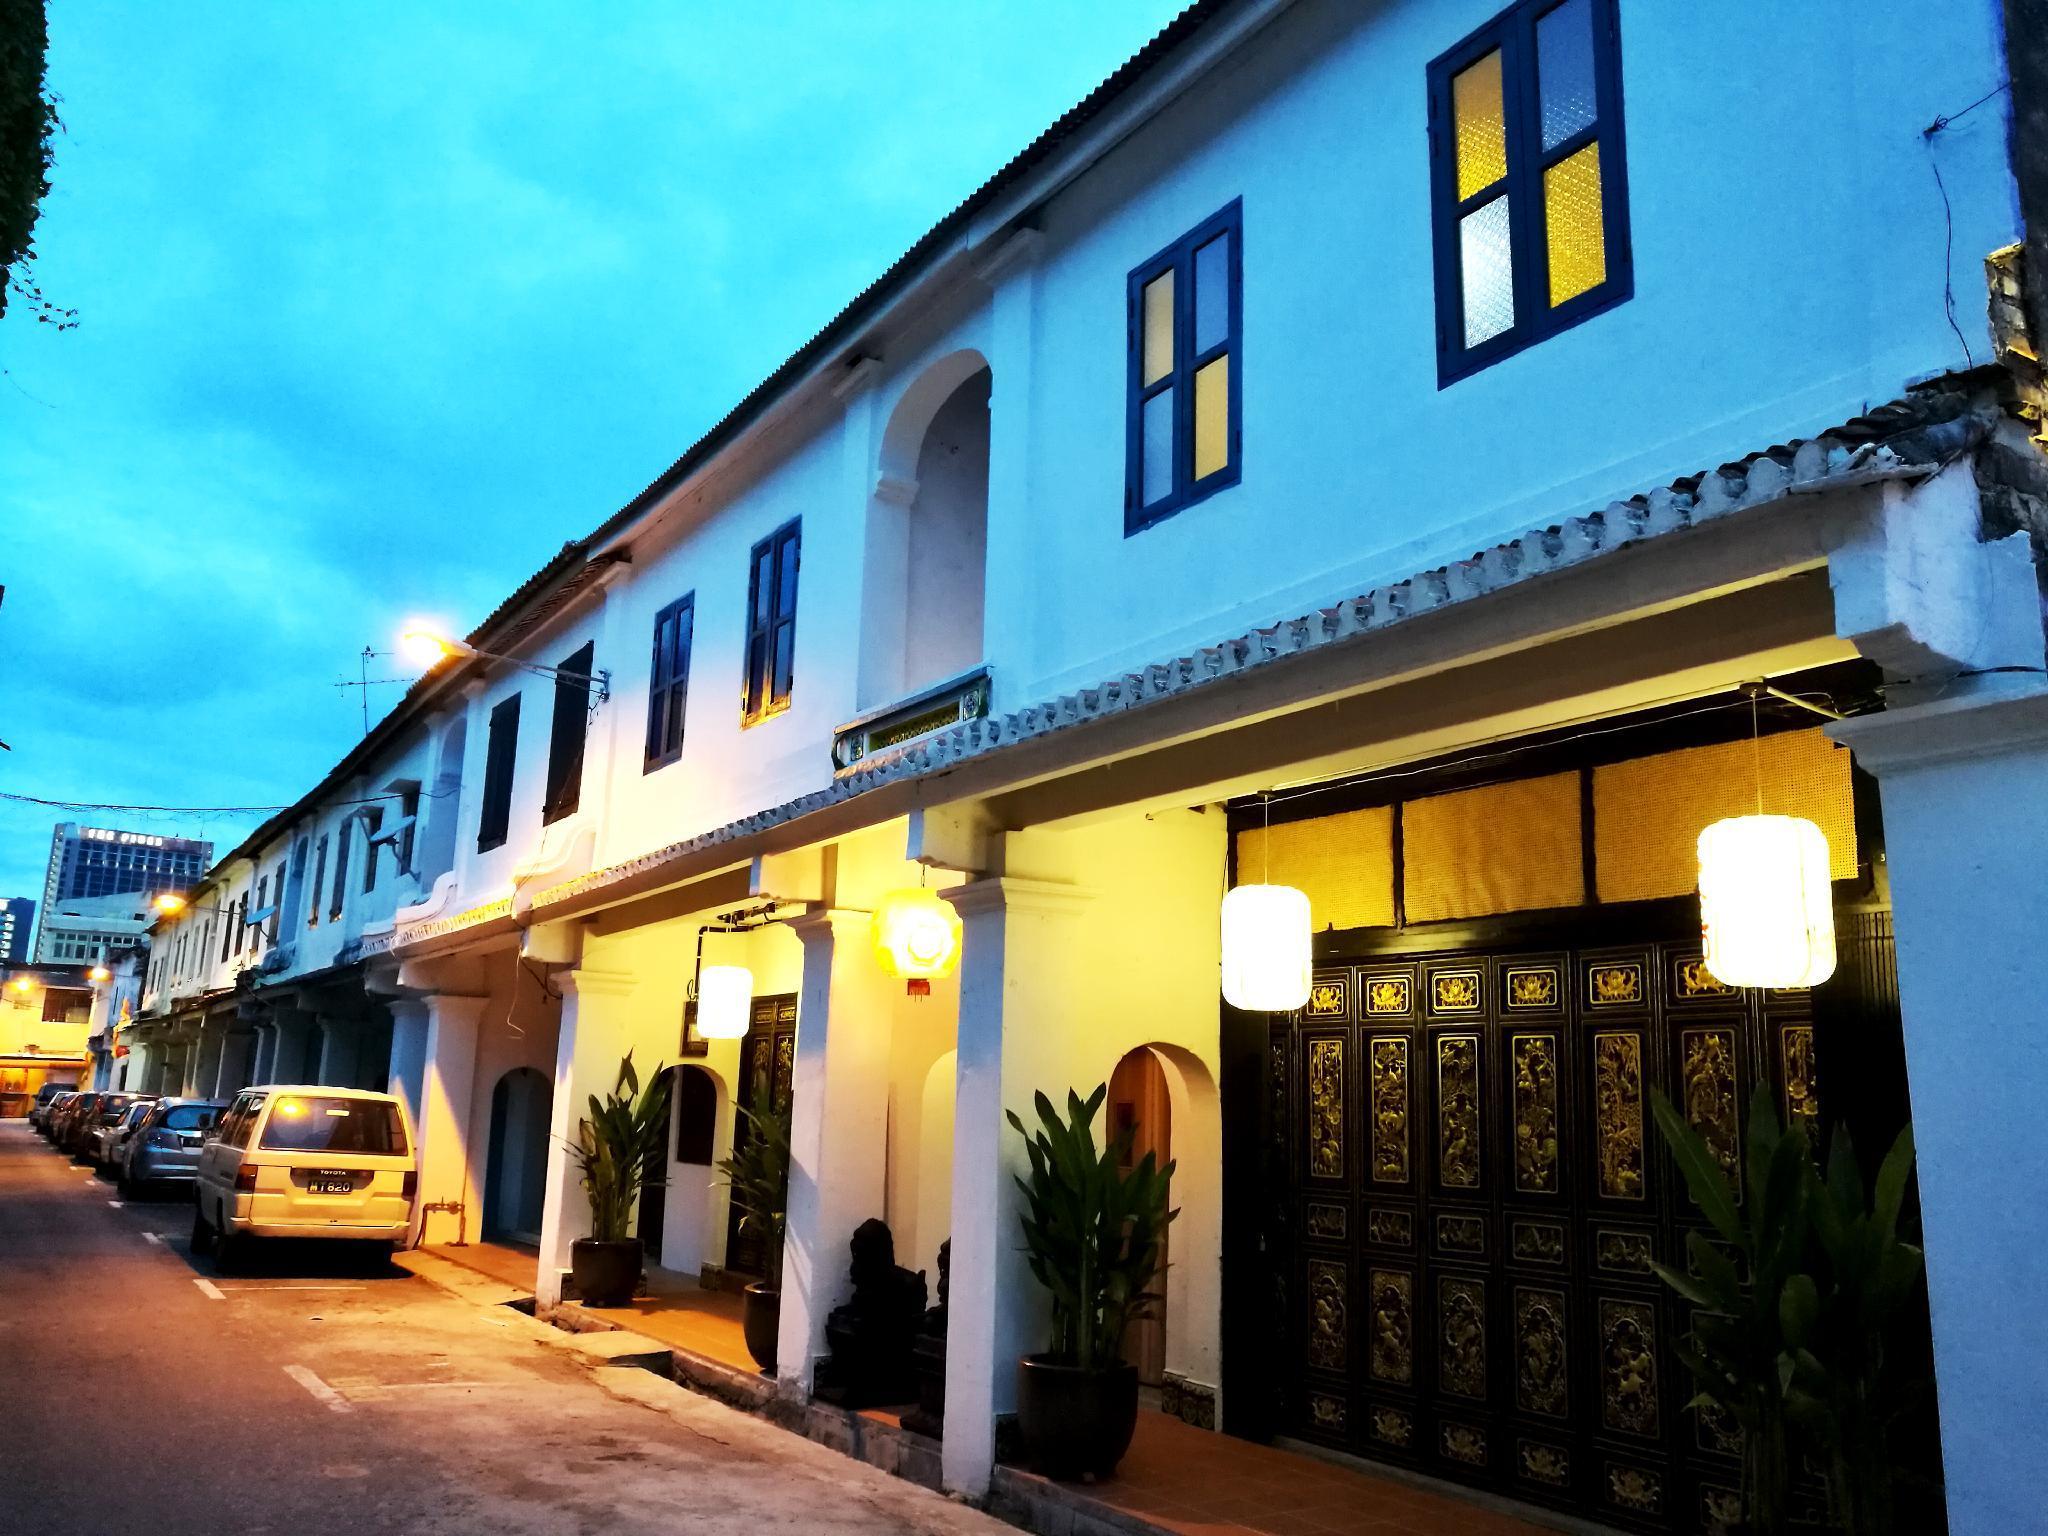 OHANA HOUSE (HQ), Kota Melaka